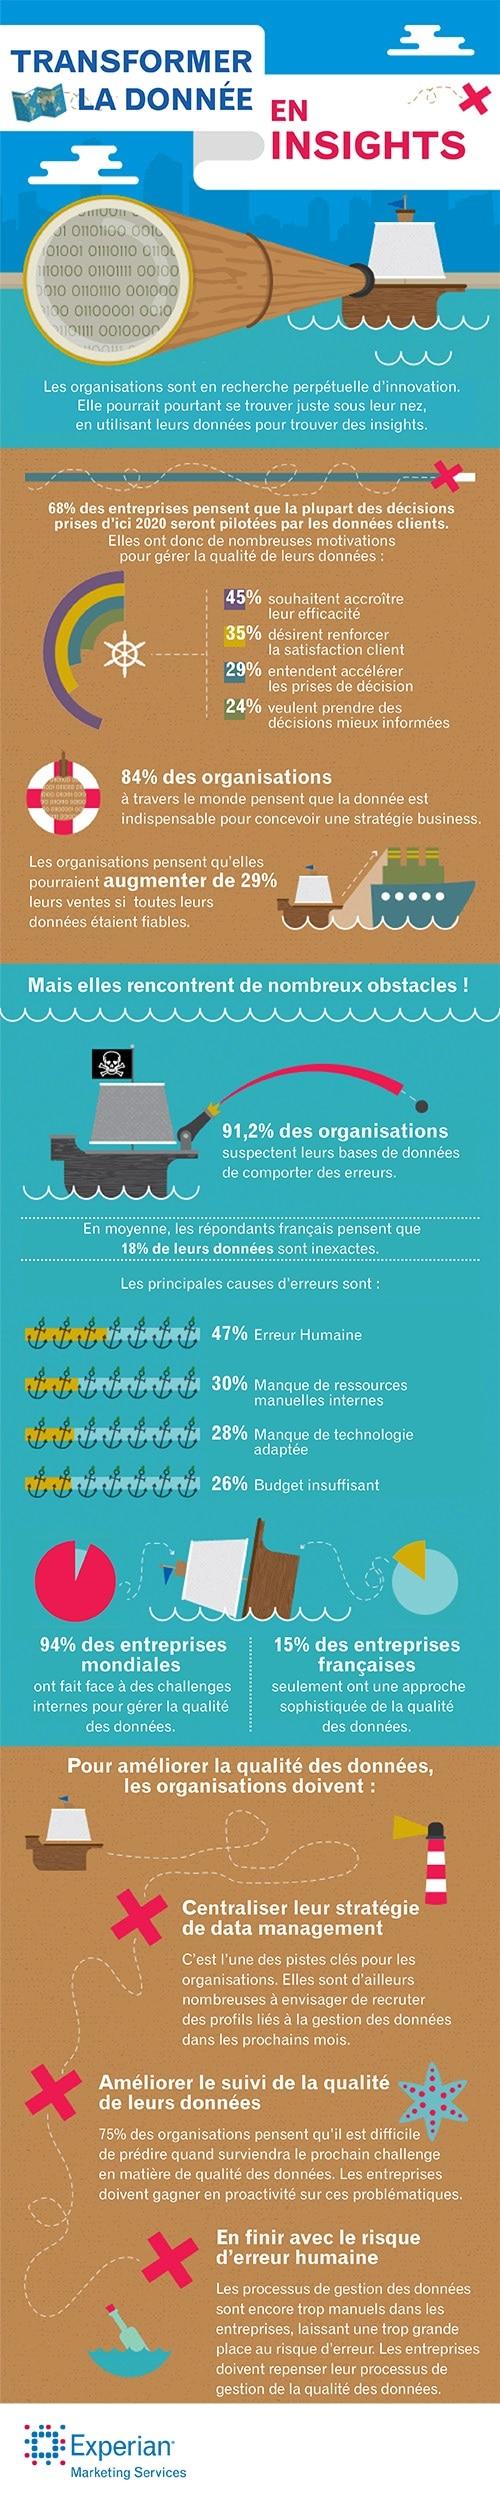 infographie-qualite-des-donnees-2016